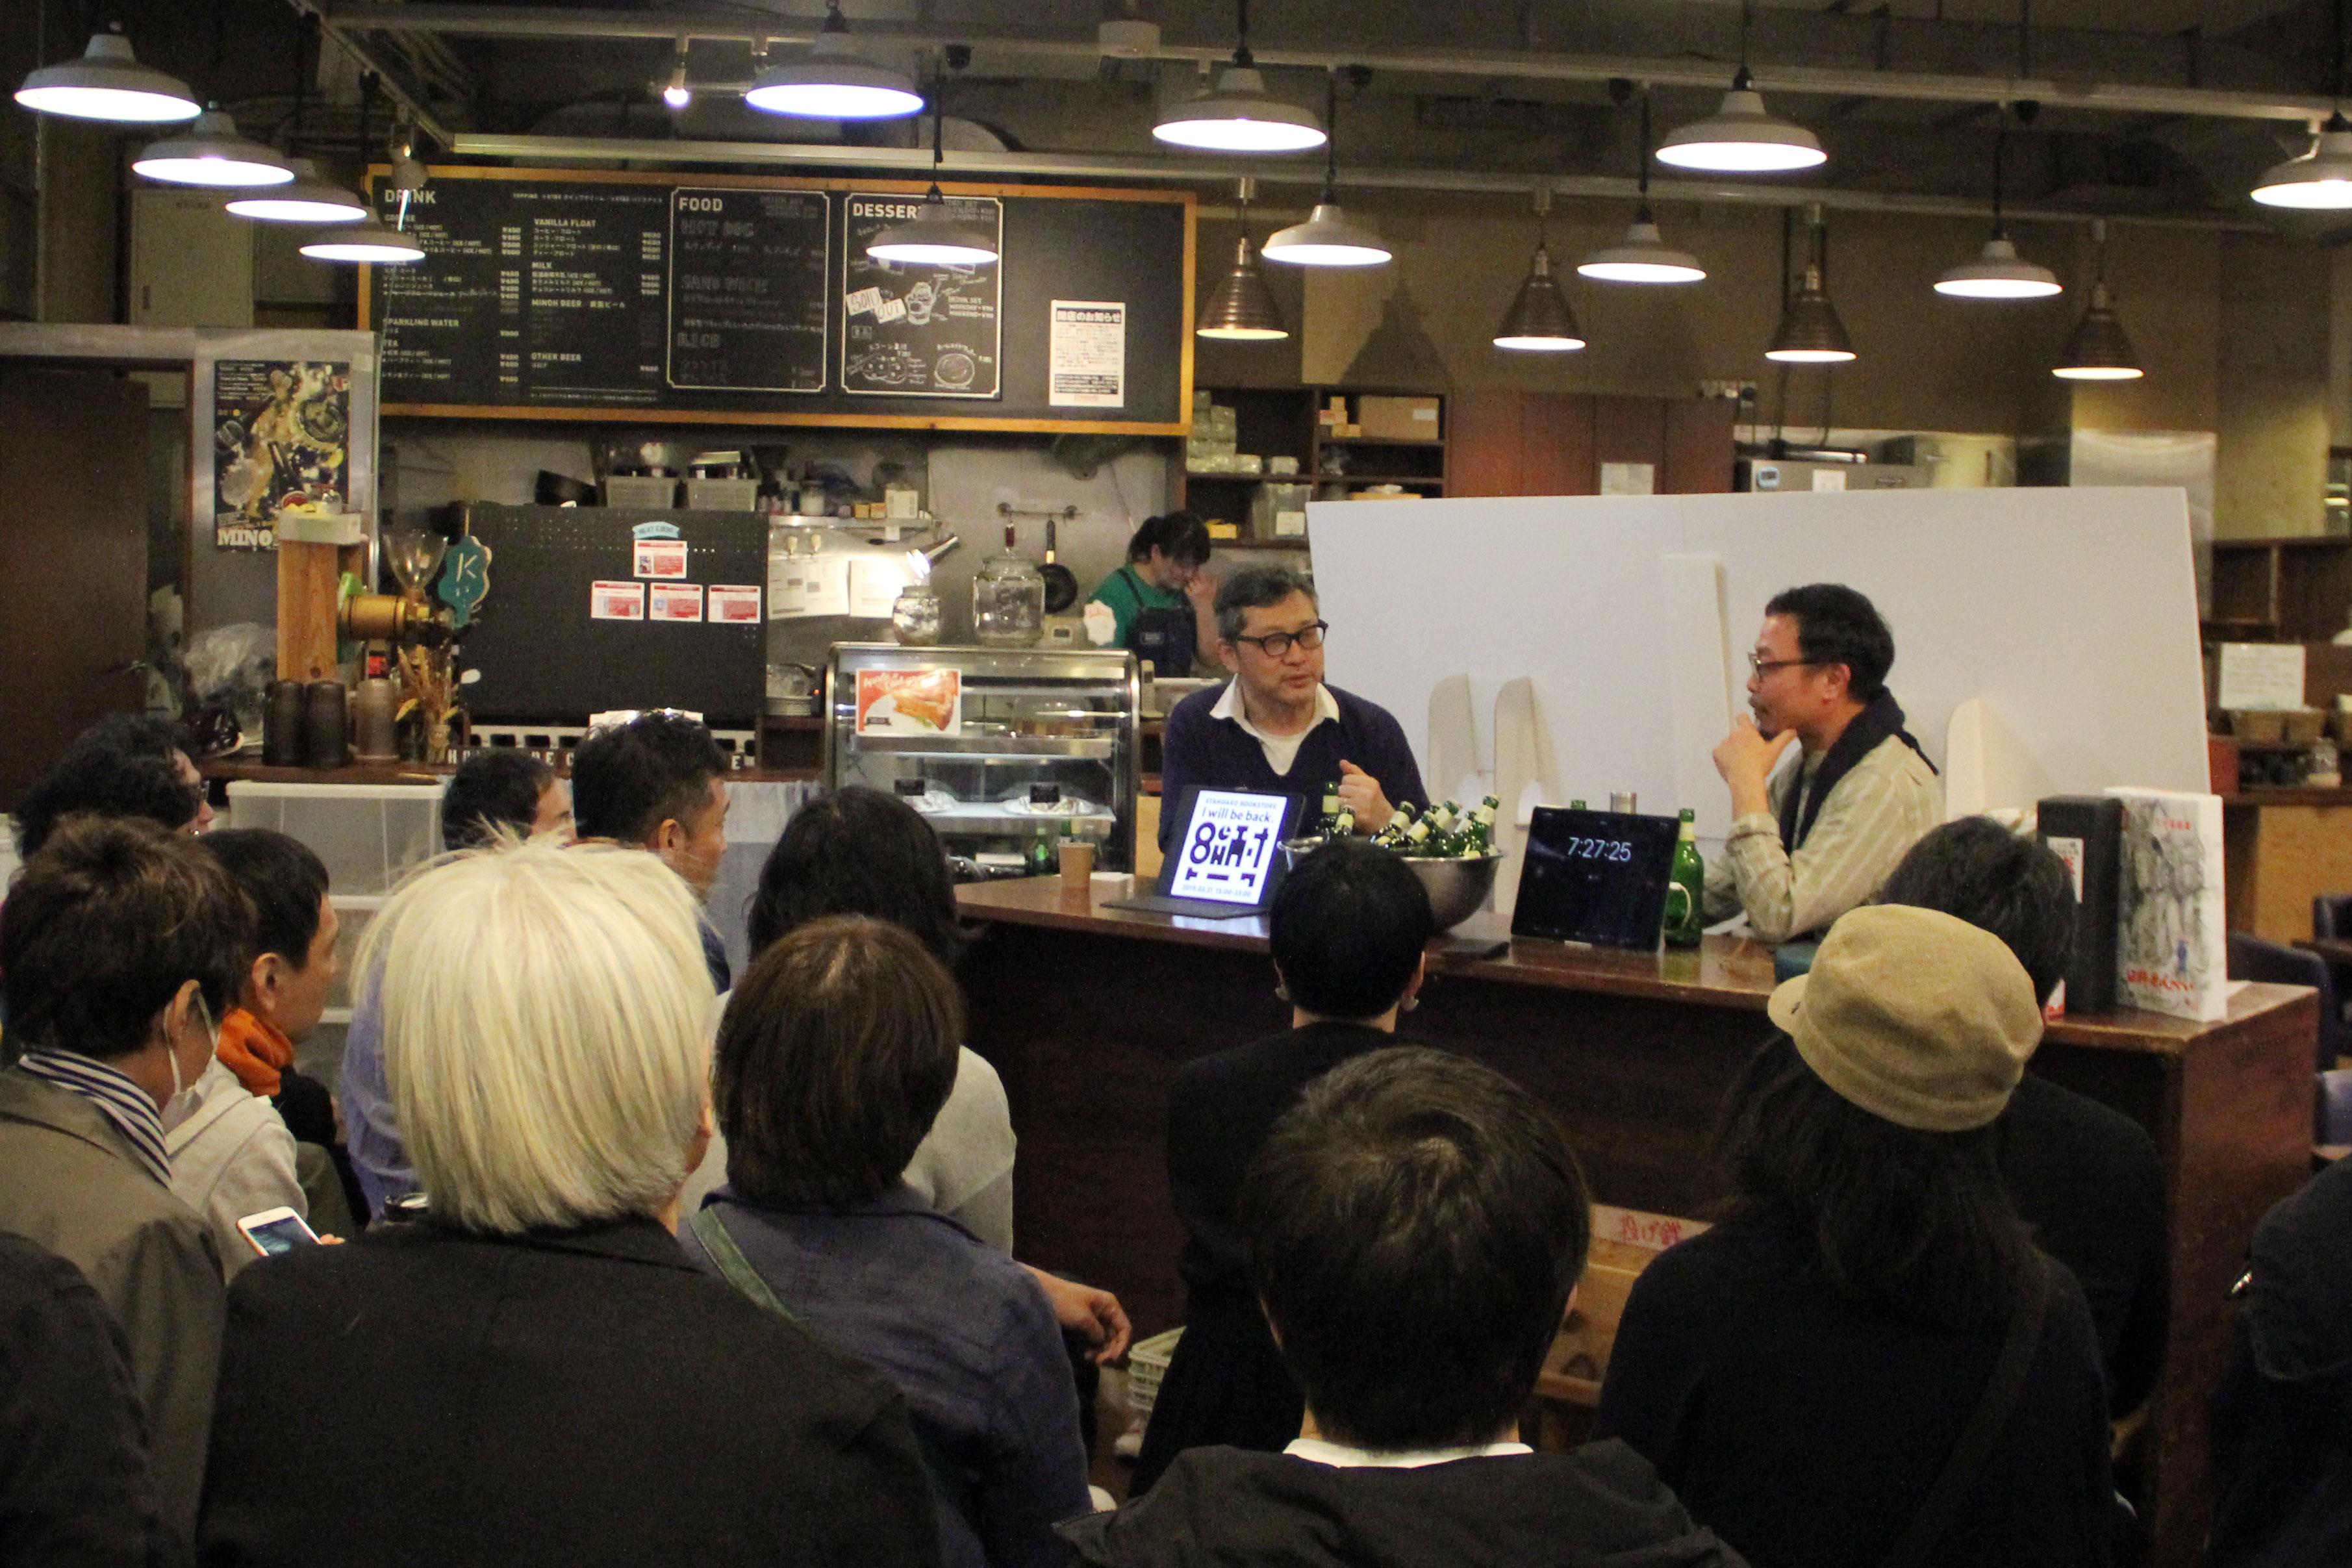 3月31日に開かれたイベント『8時間耐久トーク』の様子。15時からは書籍コーナーの一角でトークがスタートしたが、この時点で20名ほどの観客が集まった